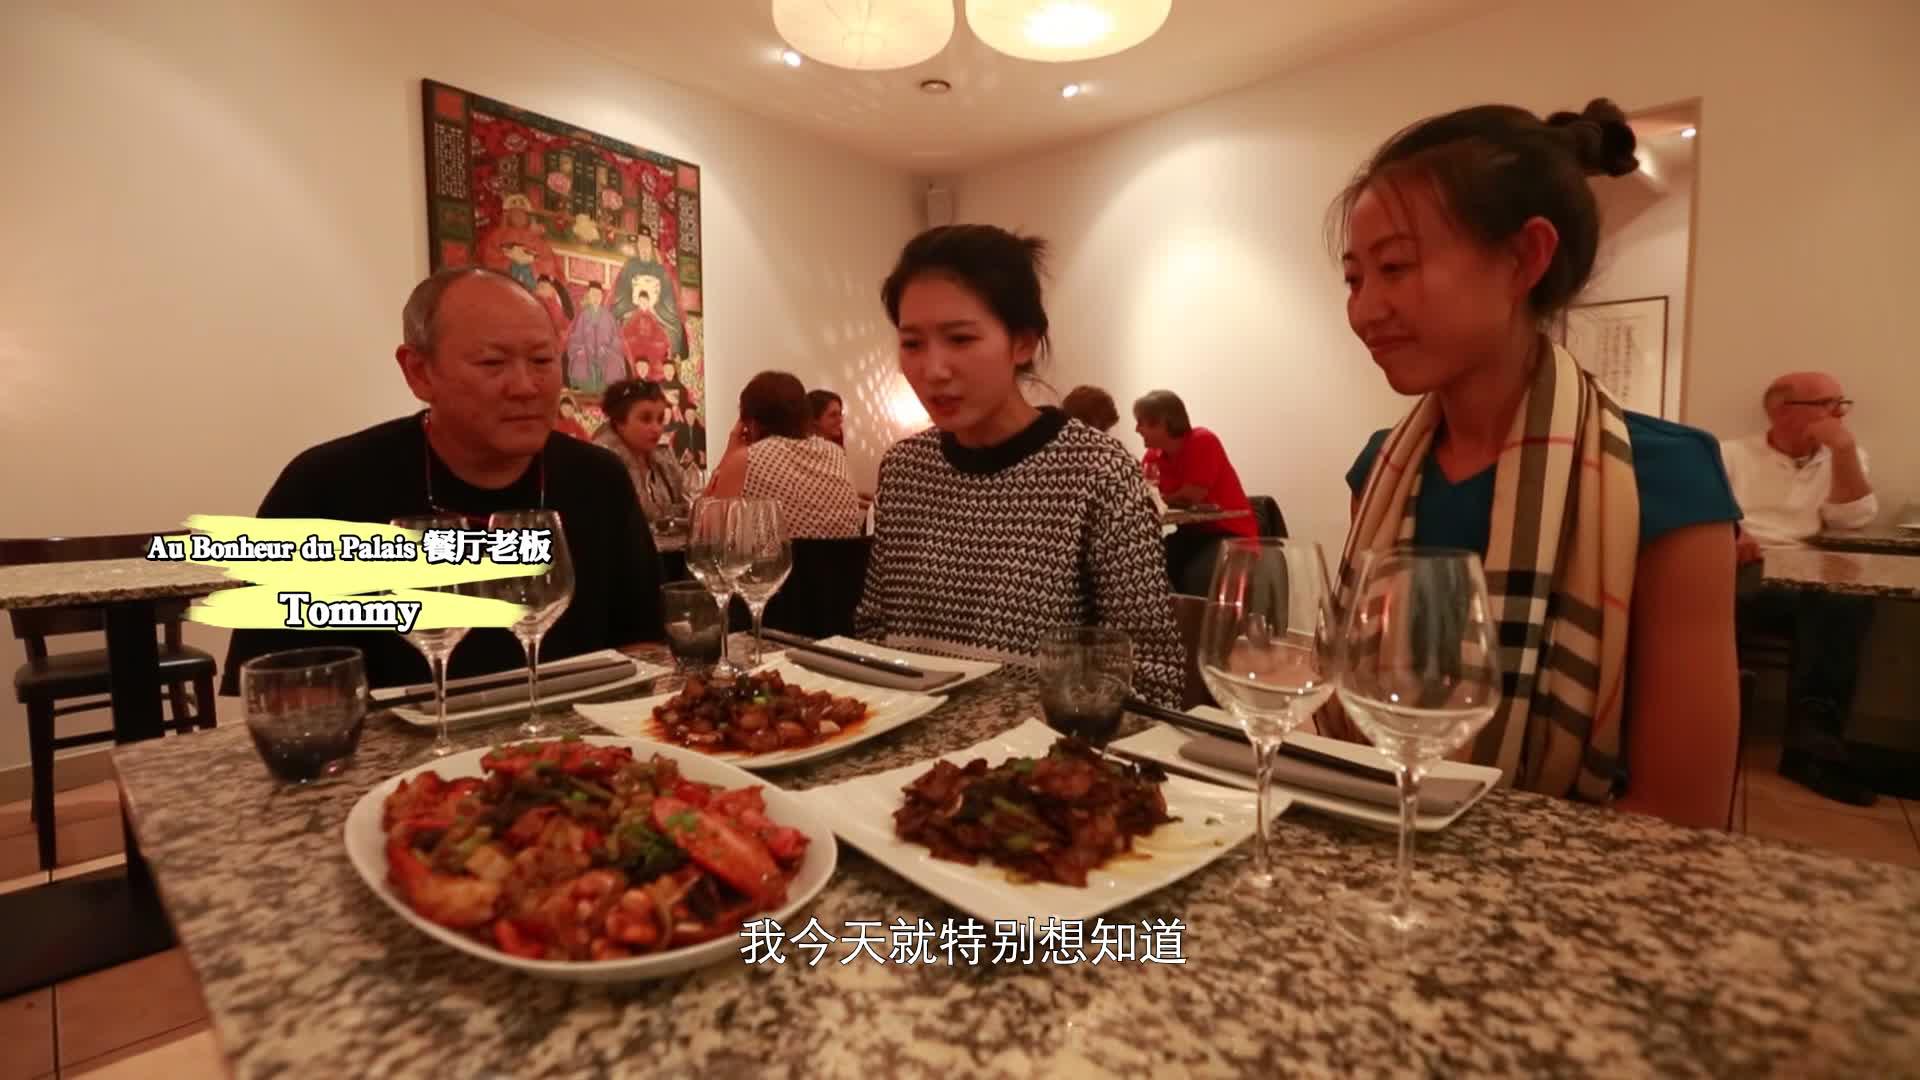 法国波尔多这家餐厅实在太棒 中国菜式配葡萄酒让人食指大动!